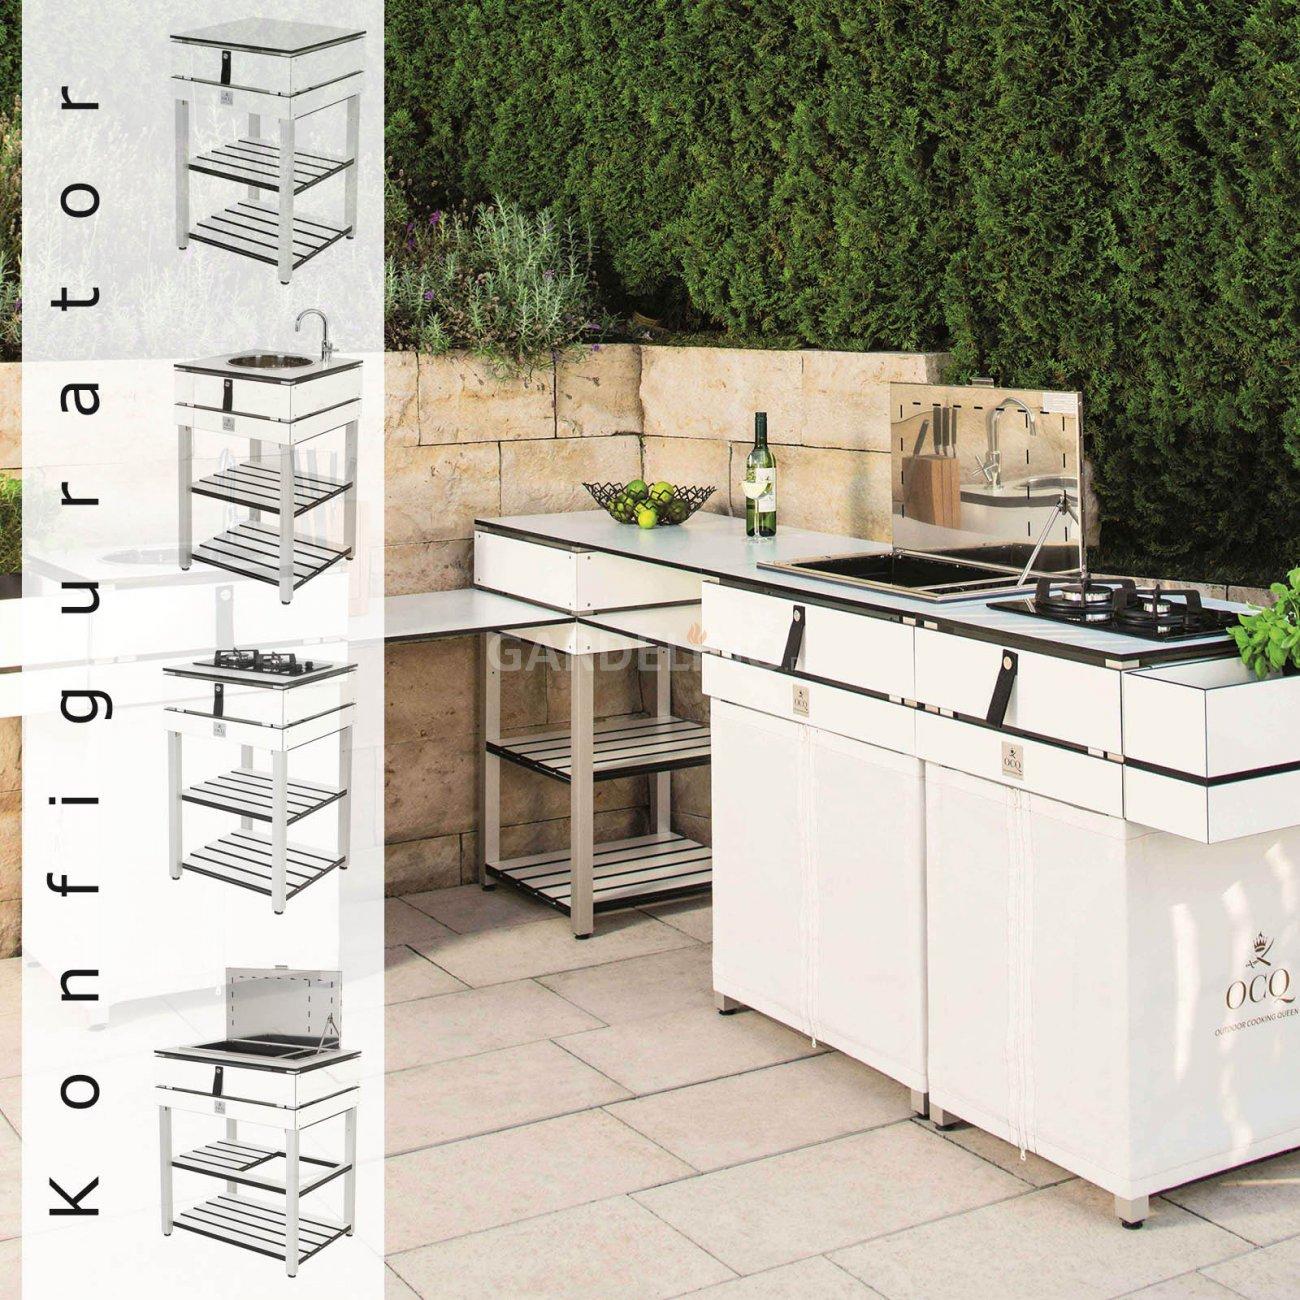 gartenküche online konfigurieren bei gardelino